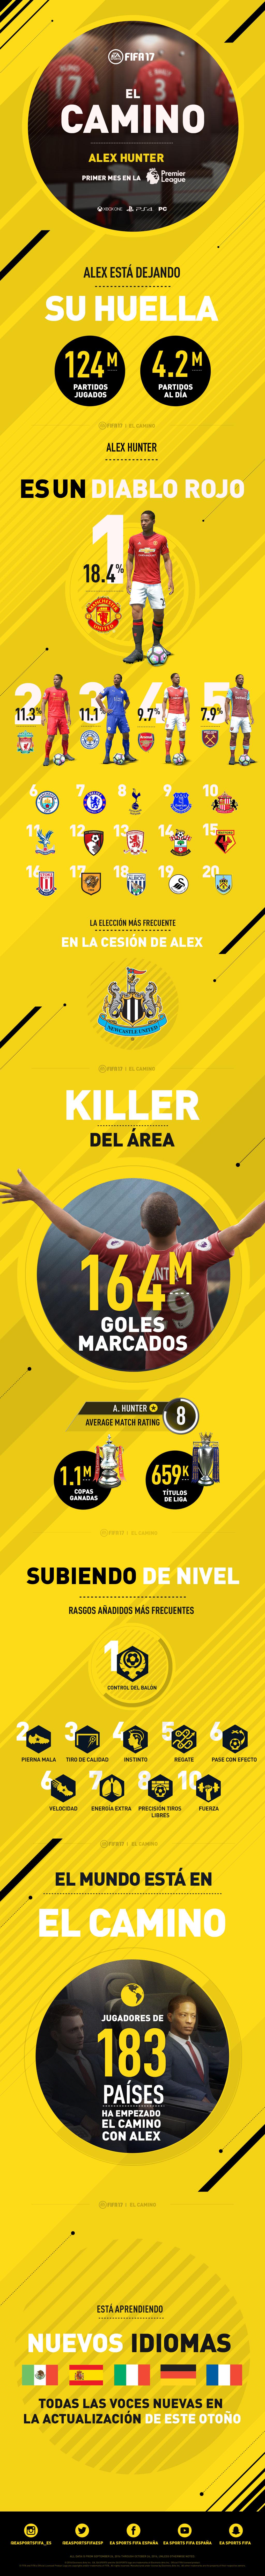 FIFA 17 - Infografía Alex Hunter